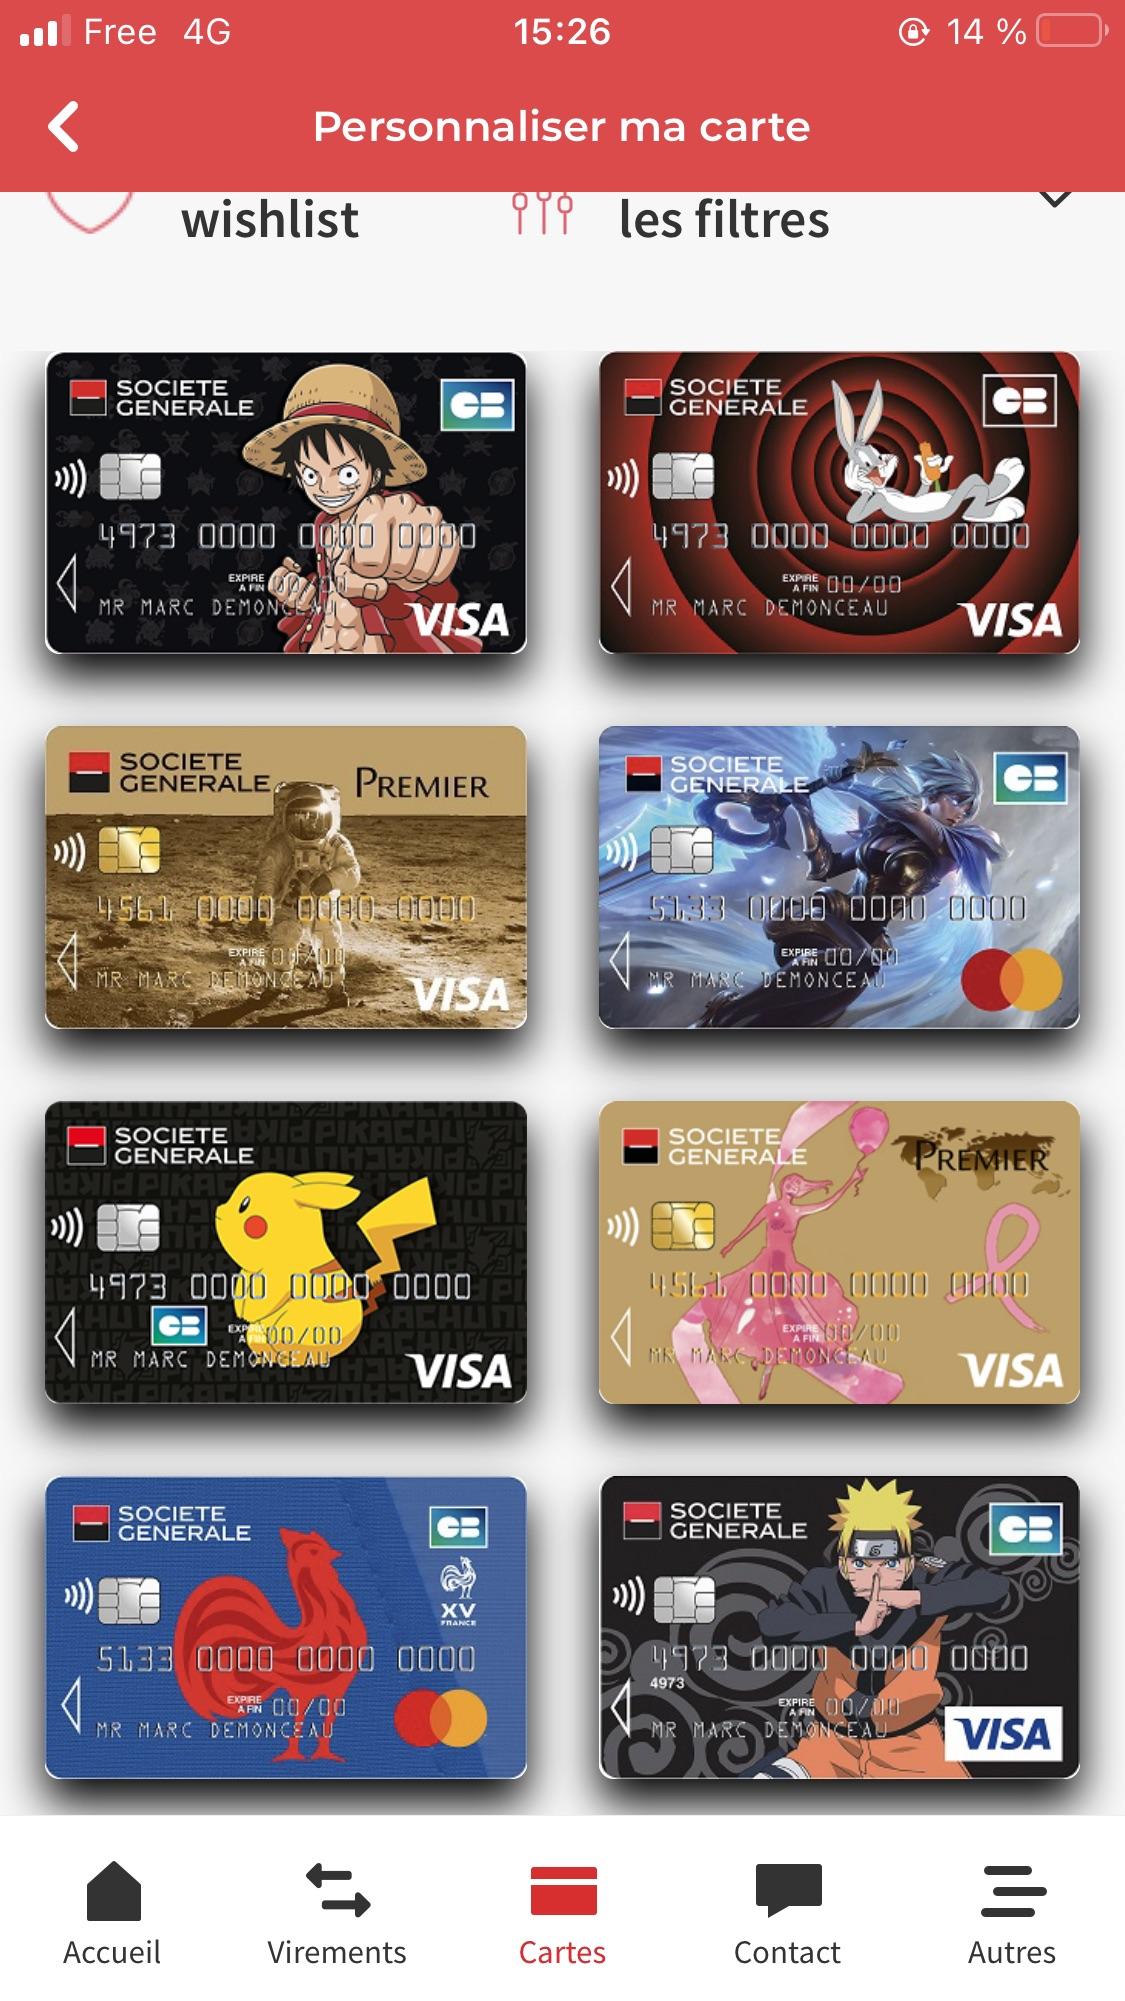 SG Carte collectiton